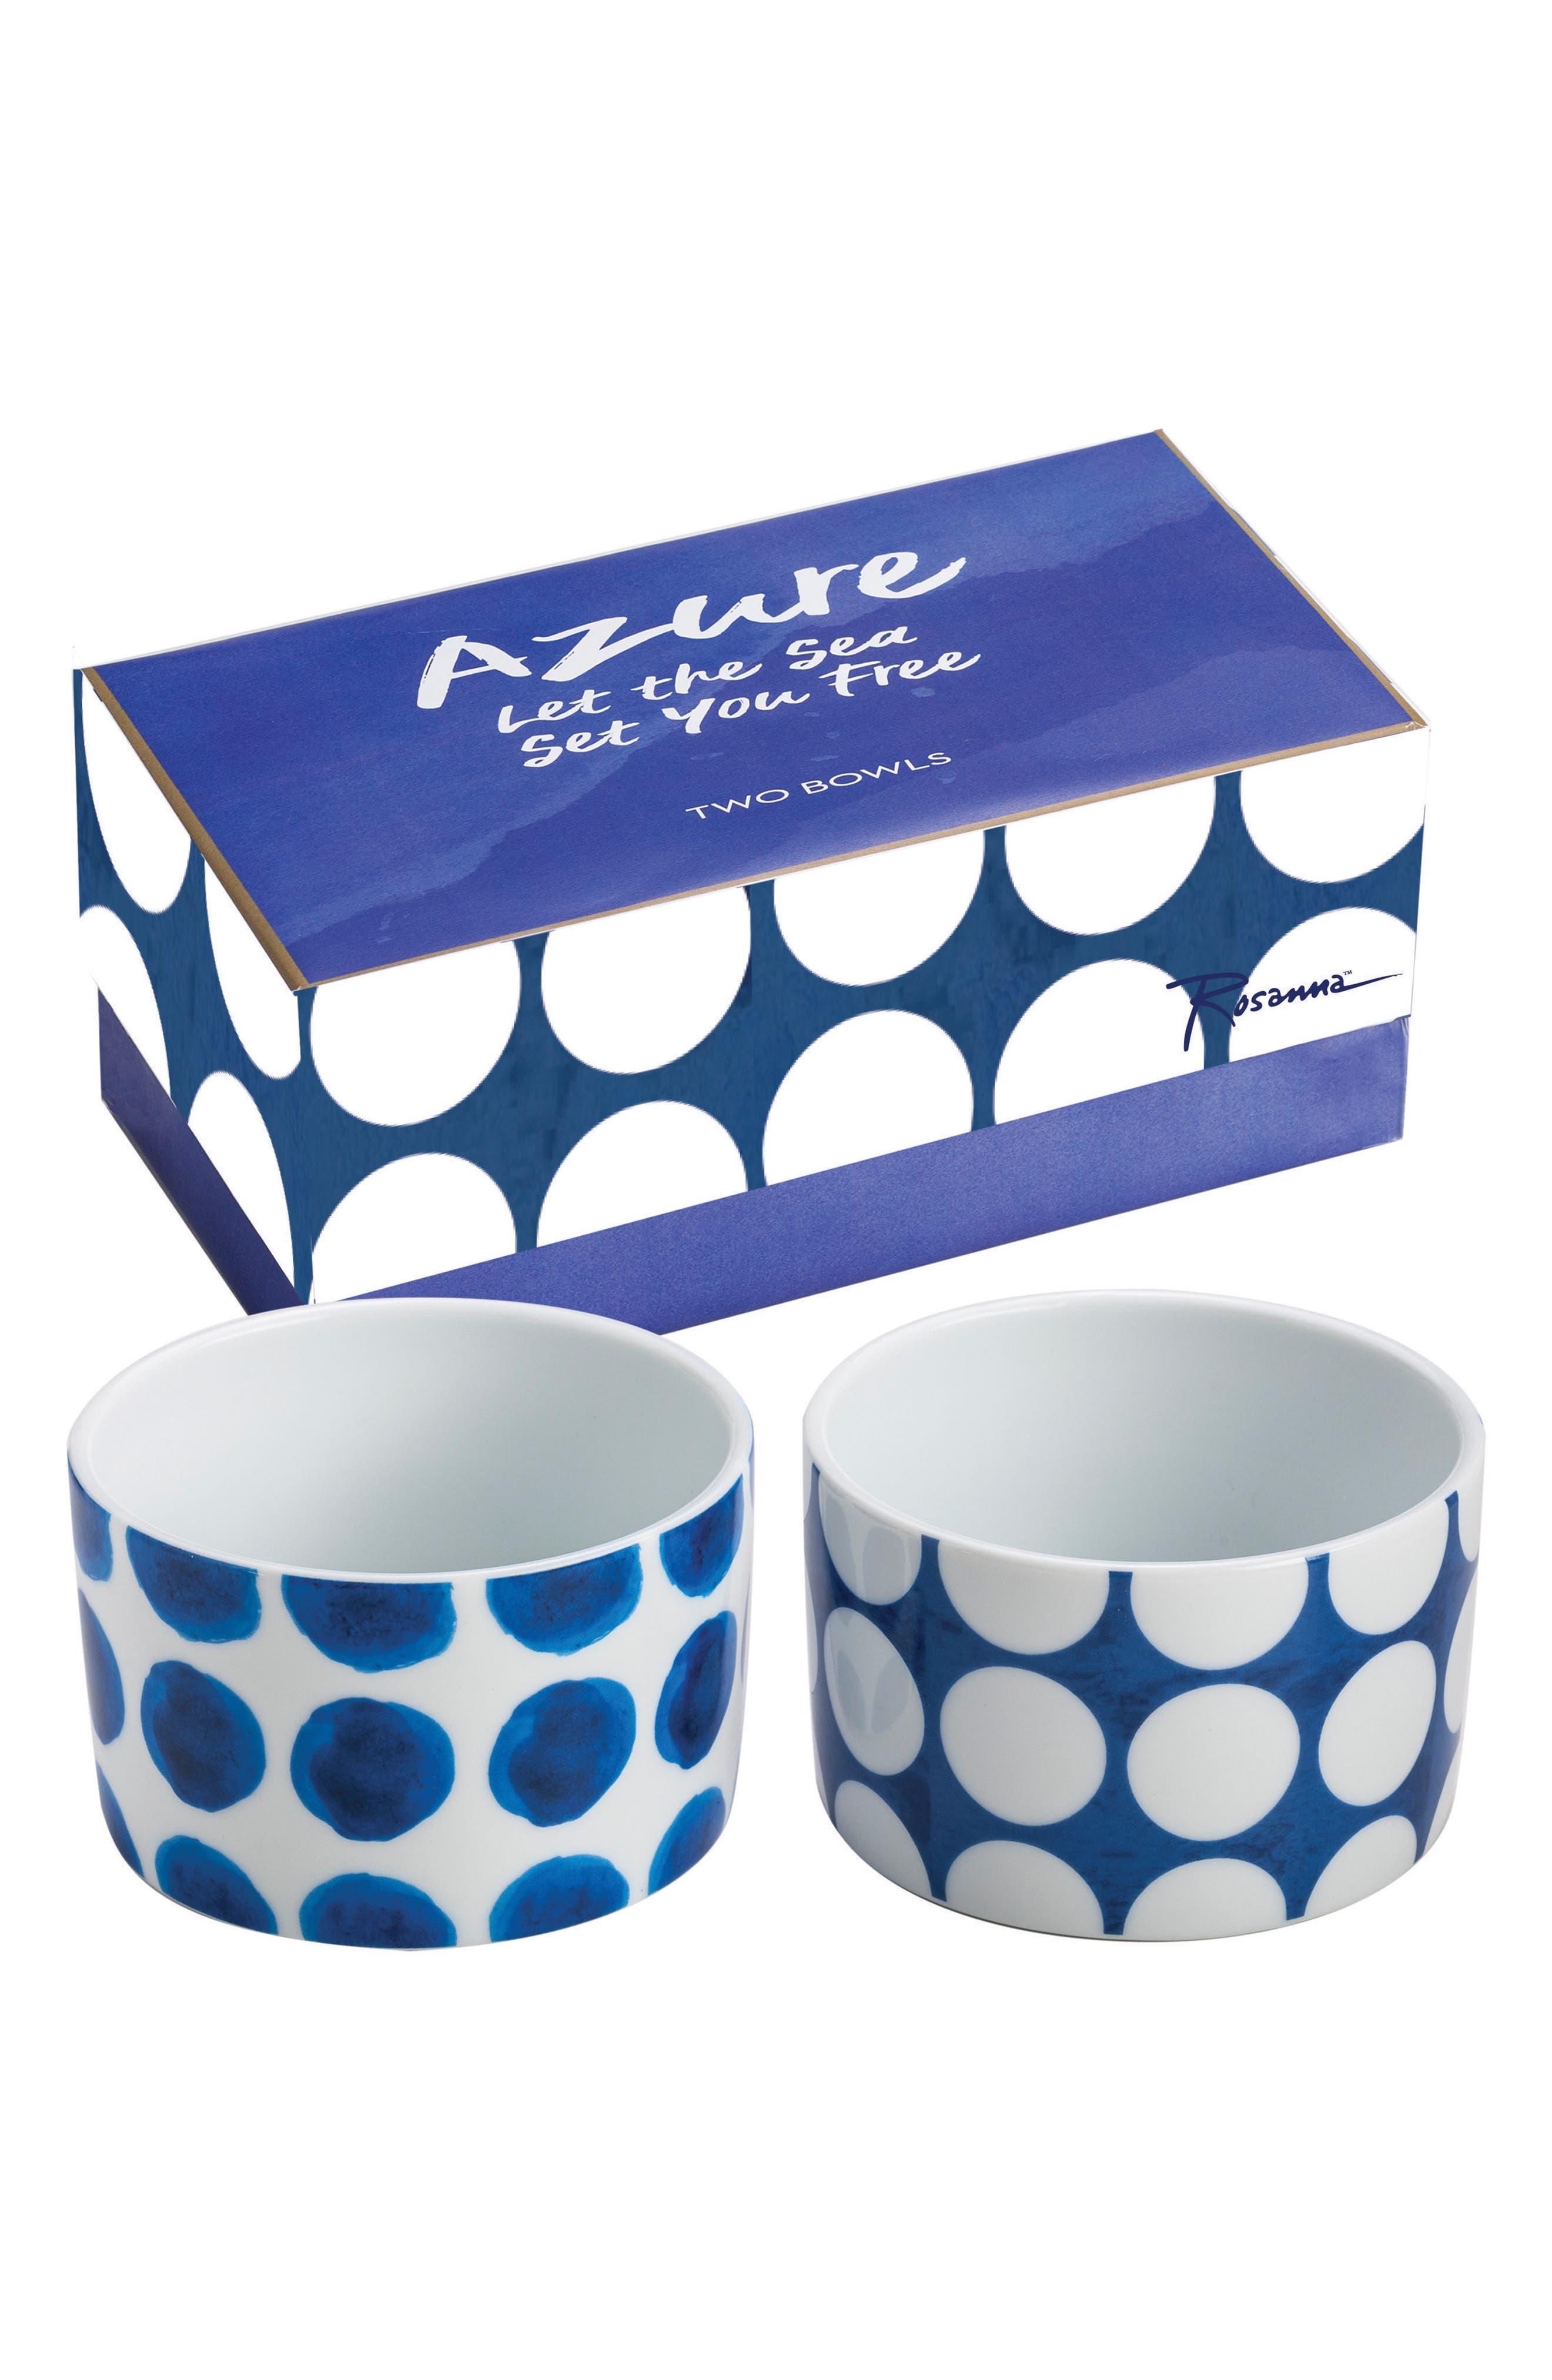 Main Image - Rosanna Polka Dot Set of 2 Bowls